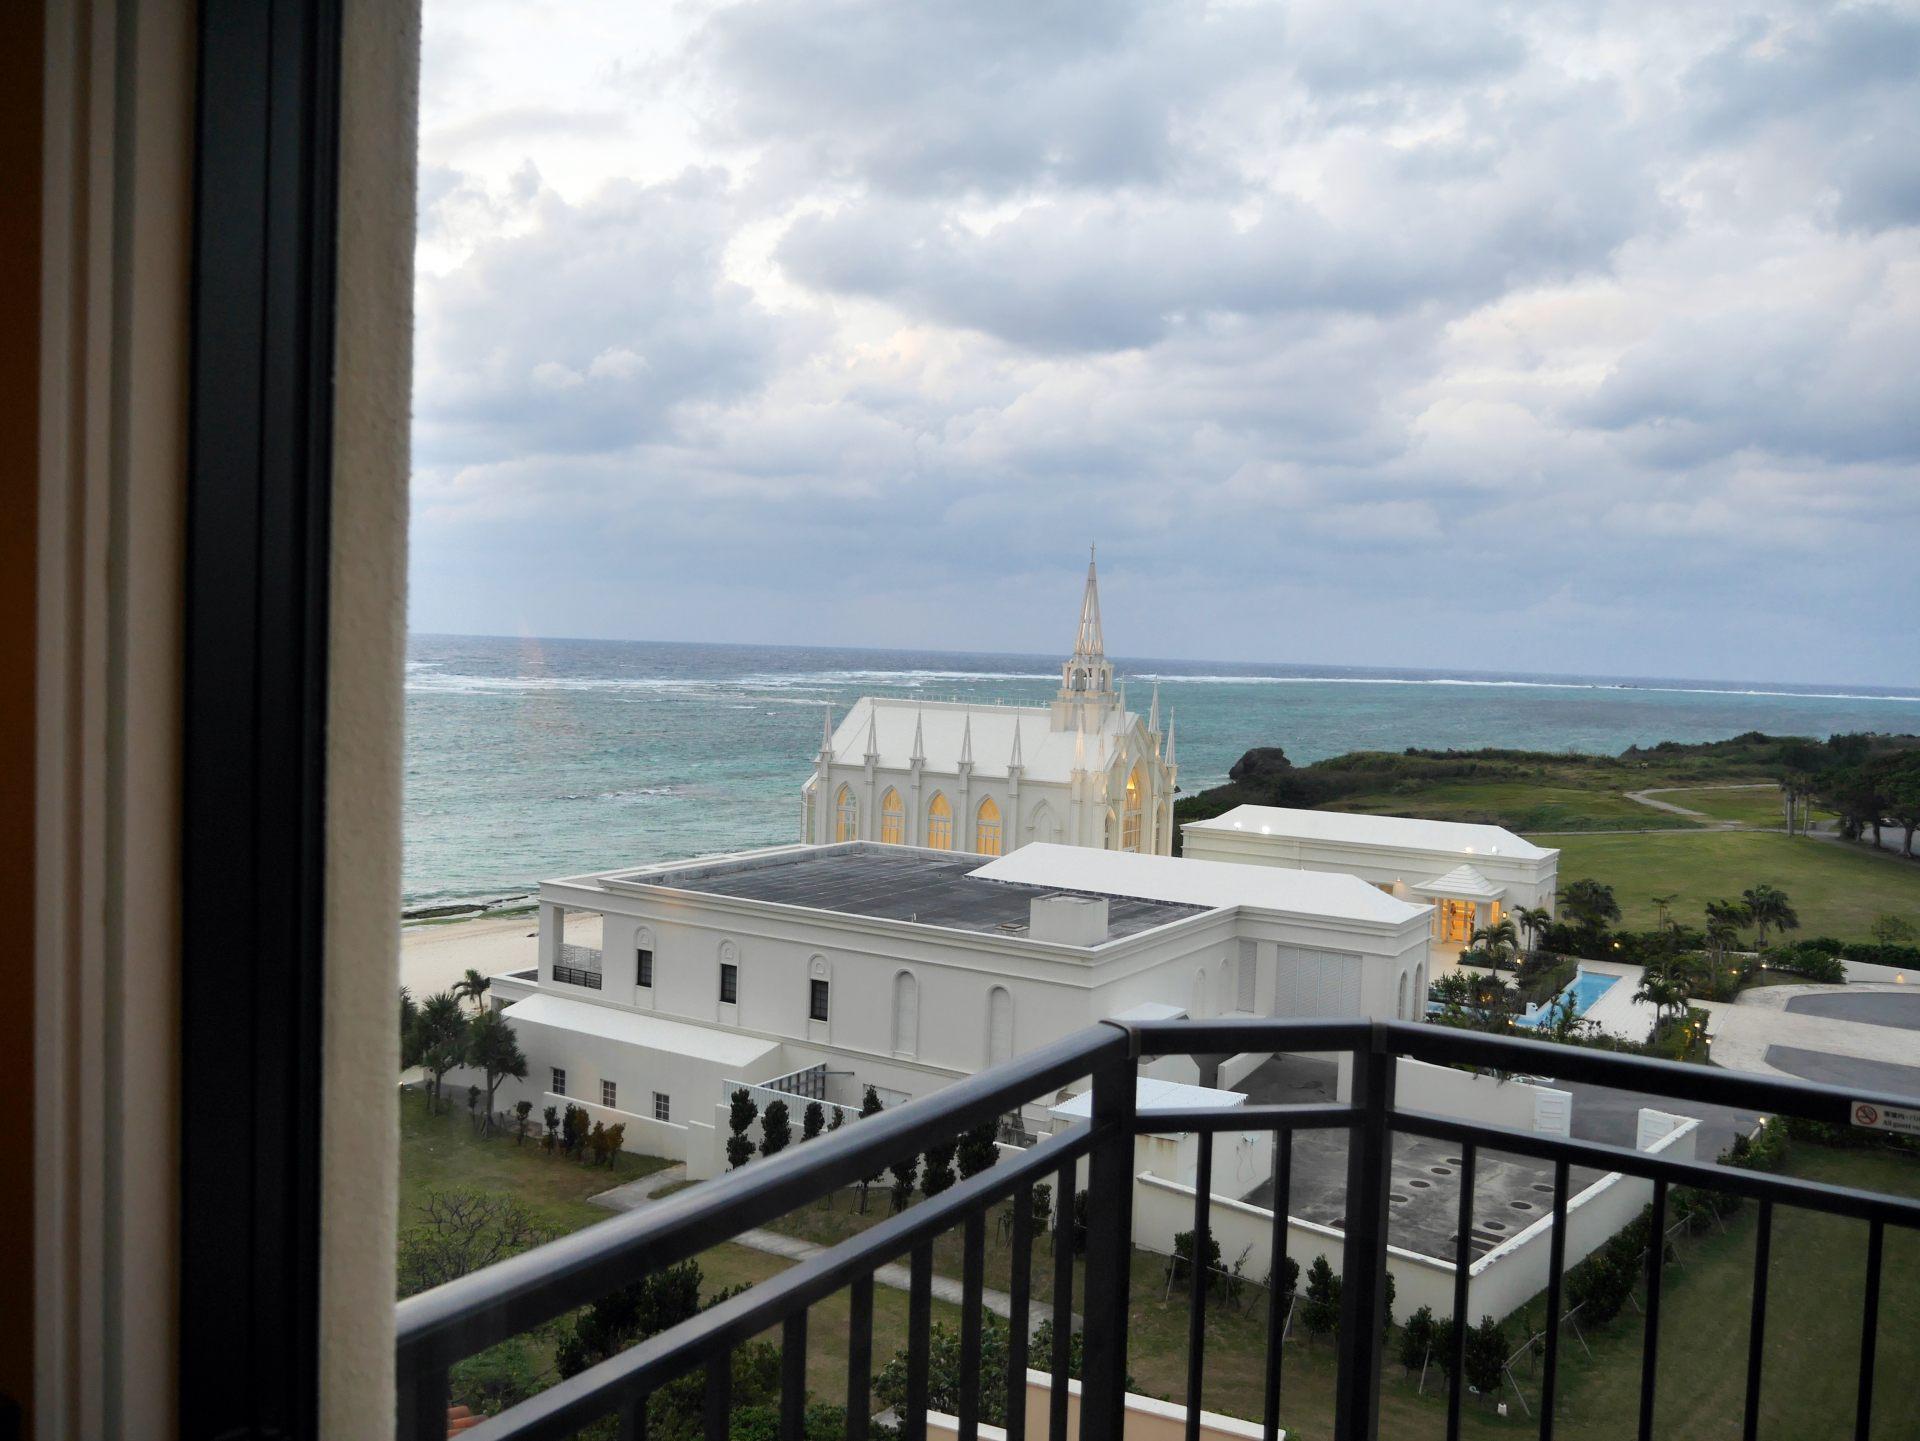 從窗戶可以看到渡假村內的風景